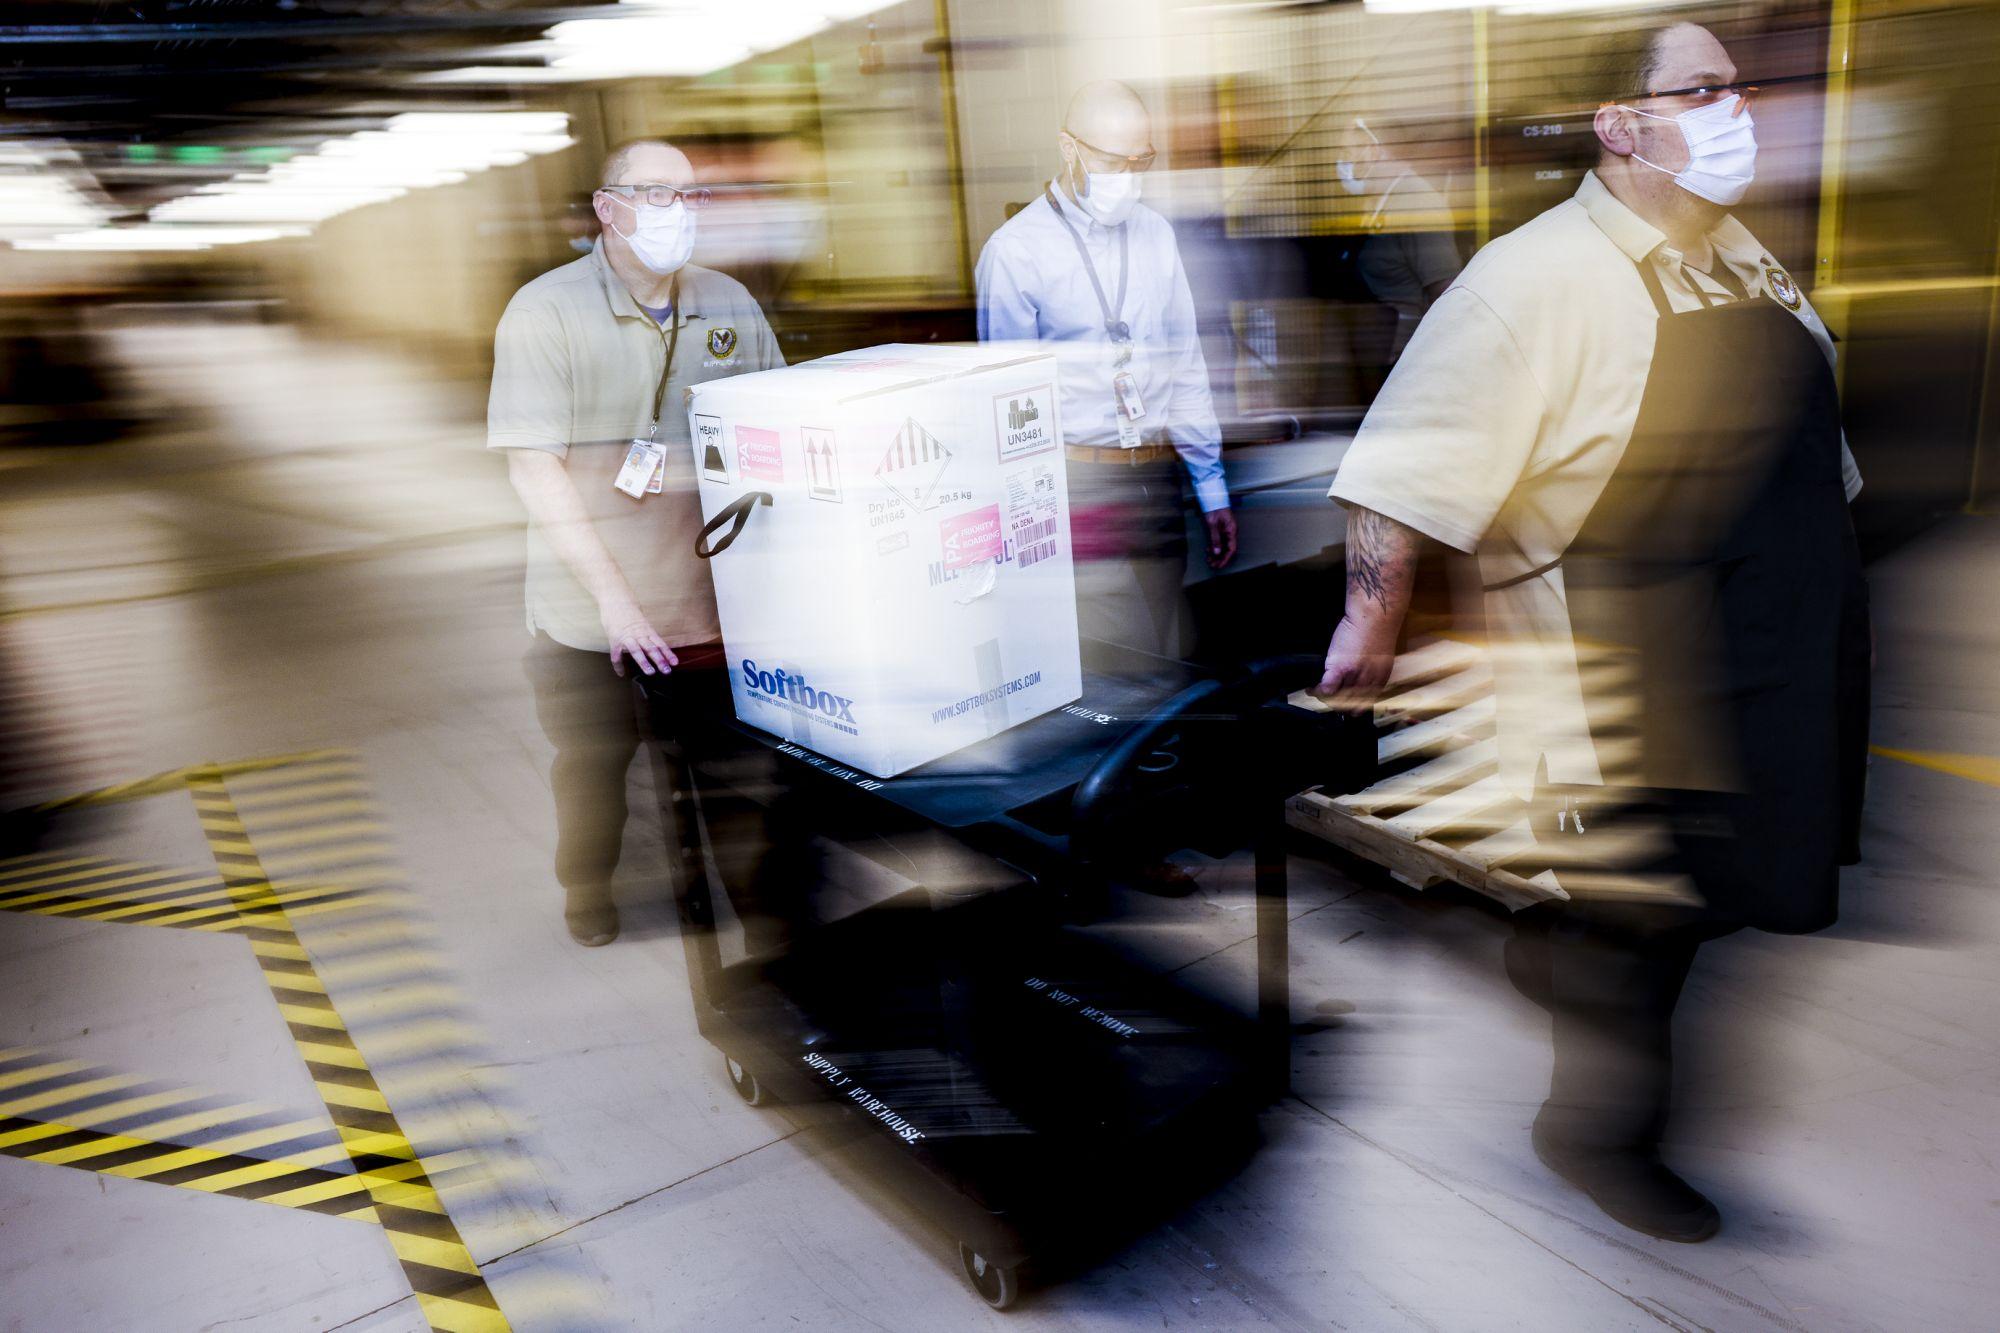 MRNA vaccines trigger innovations in logistics: expert